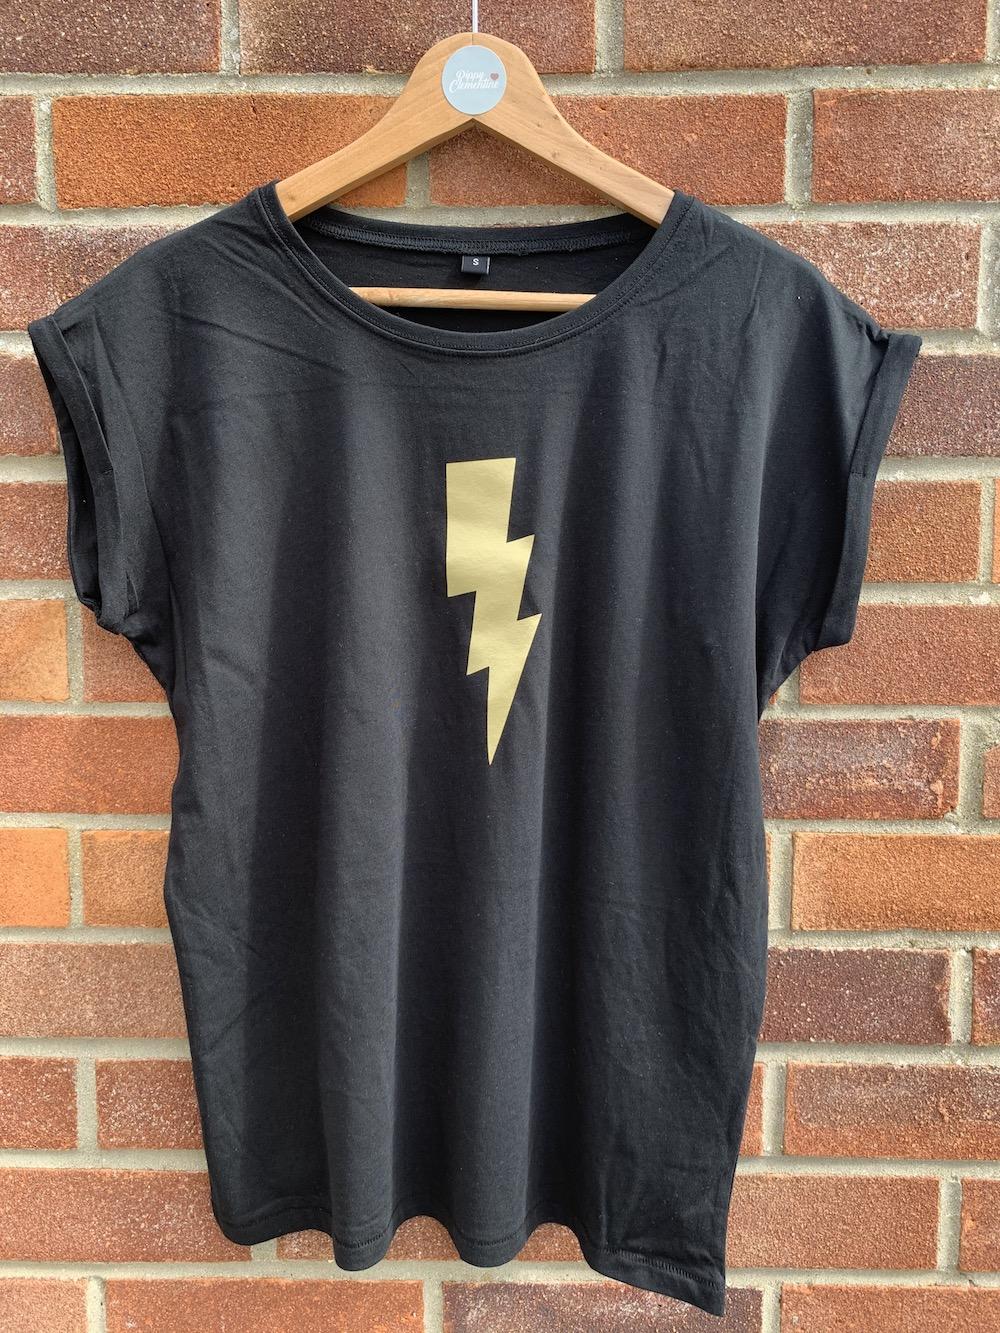 Lightening Bolt Tshirt – Black And Gold